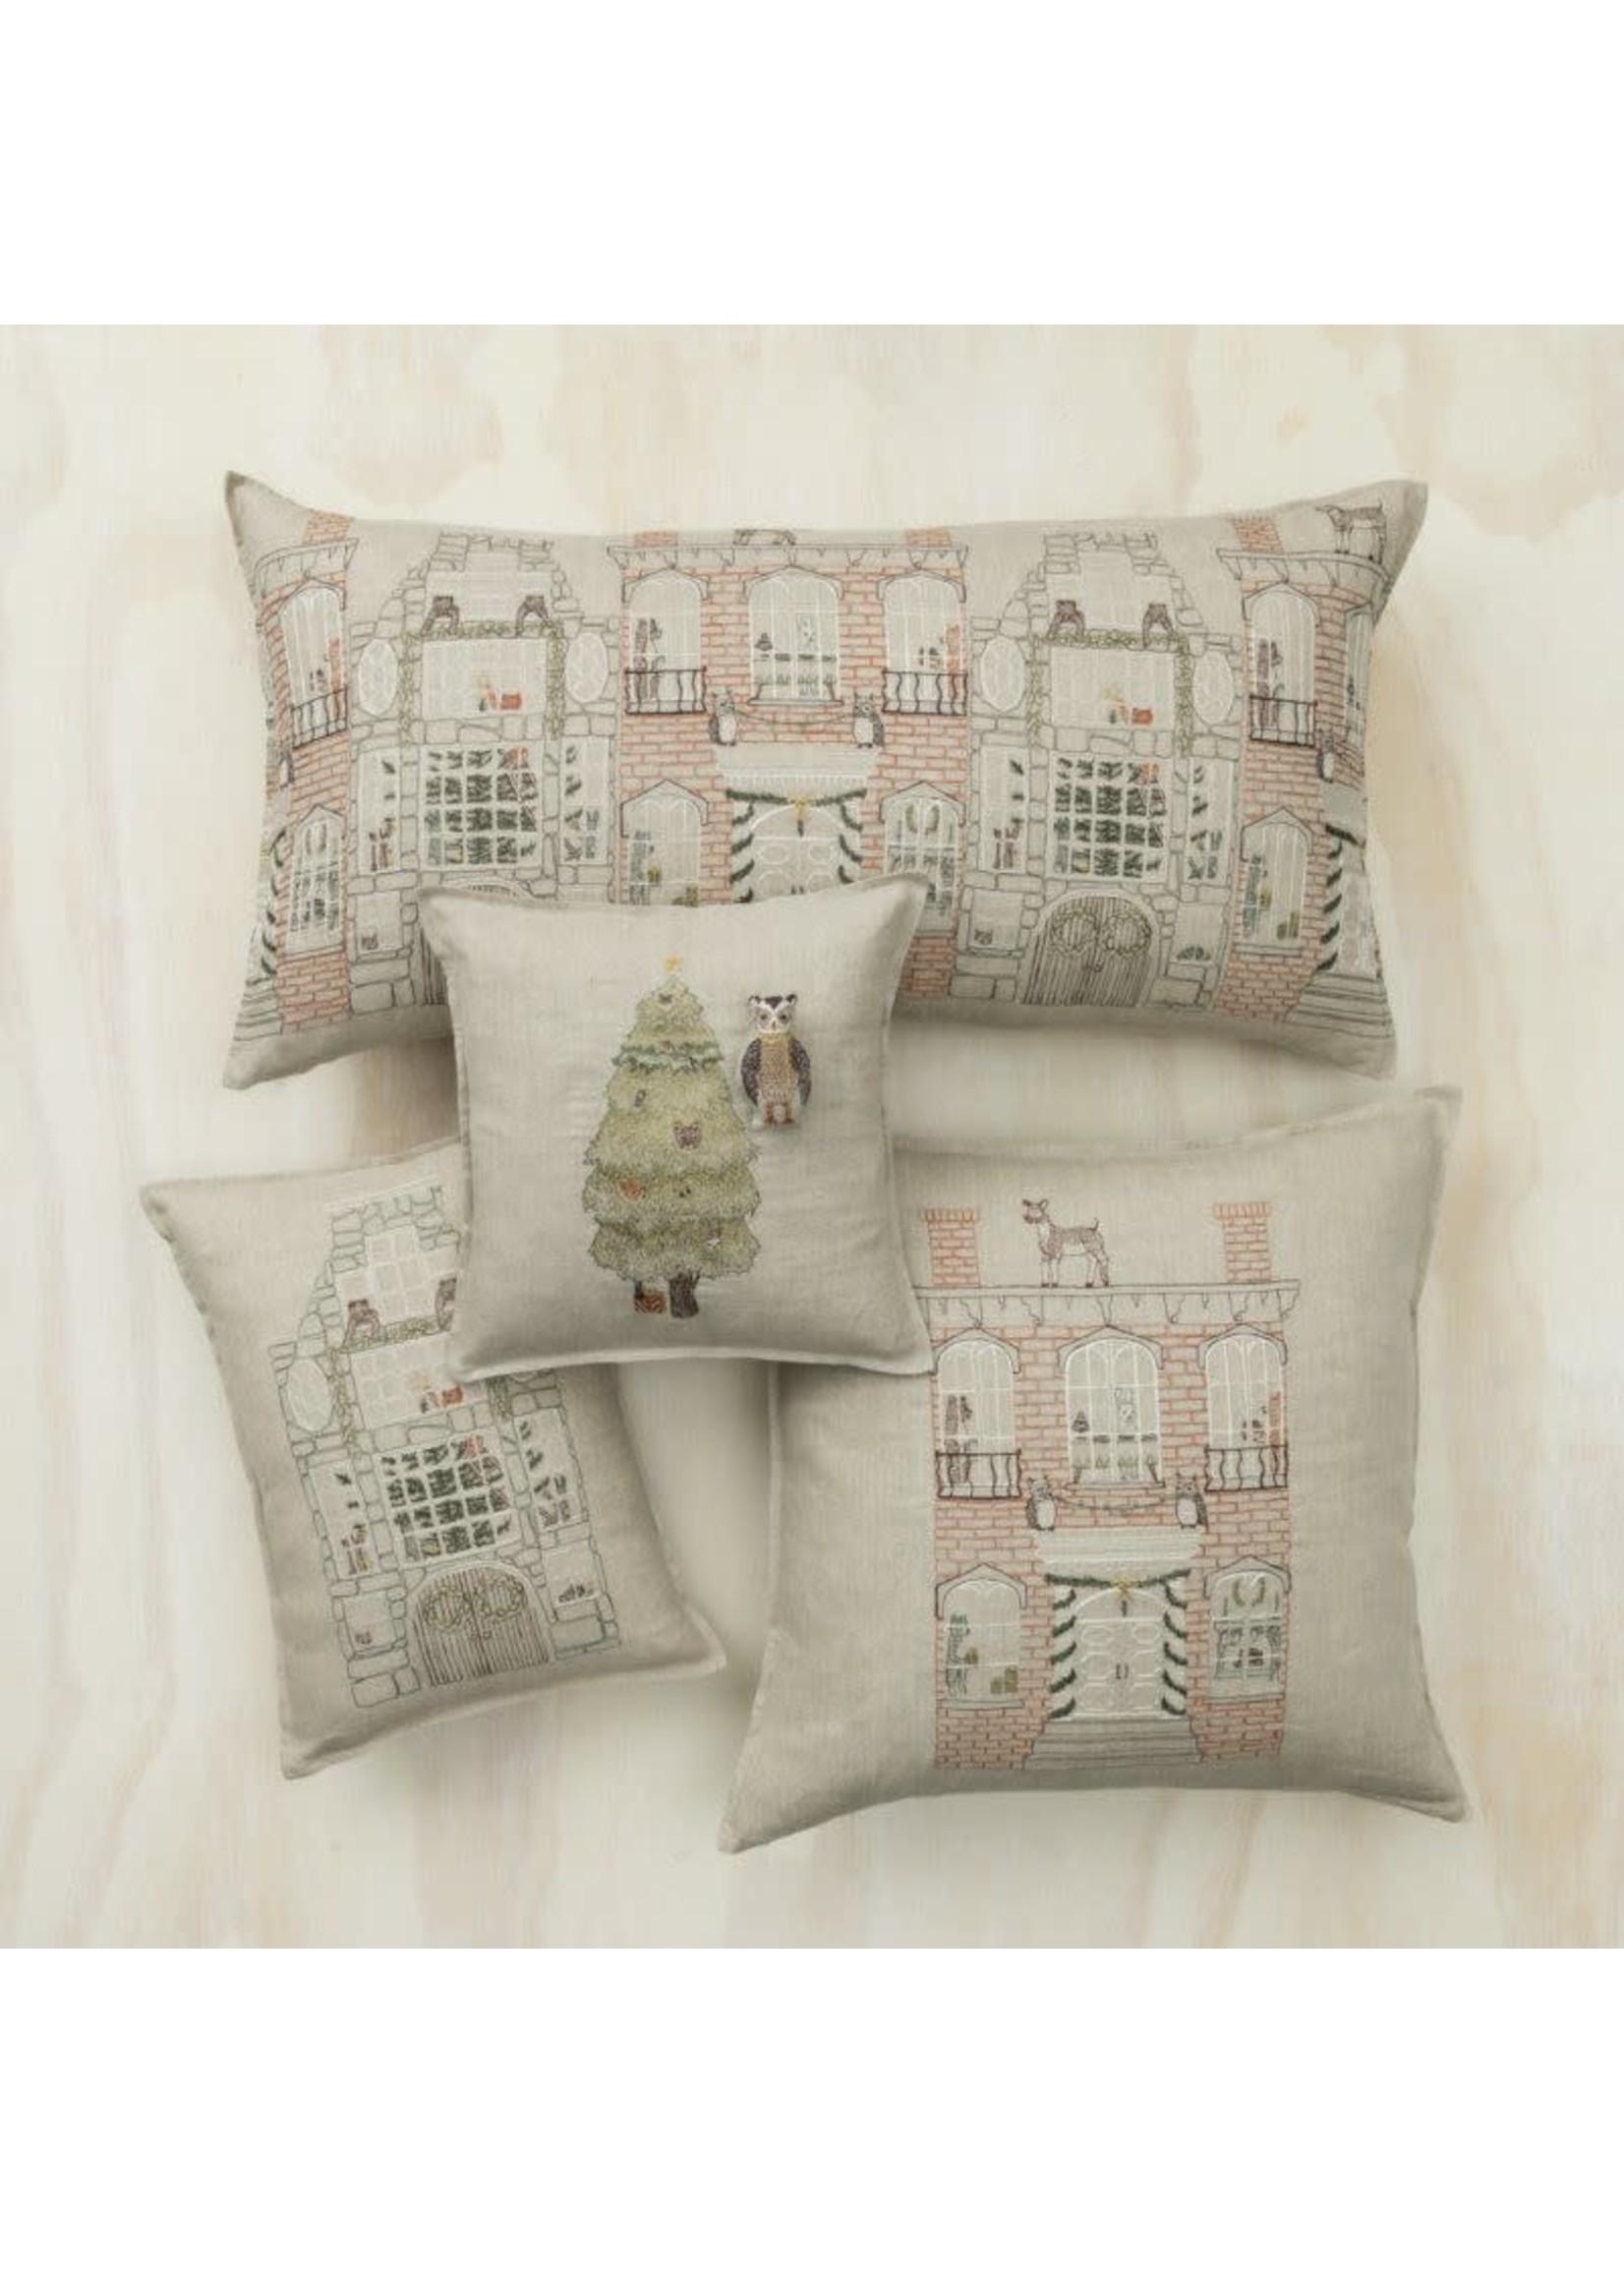 Coral and Tusk Pocket Pillow - 12x12 - Christmas Tree Owl